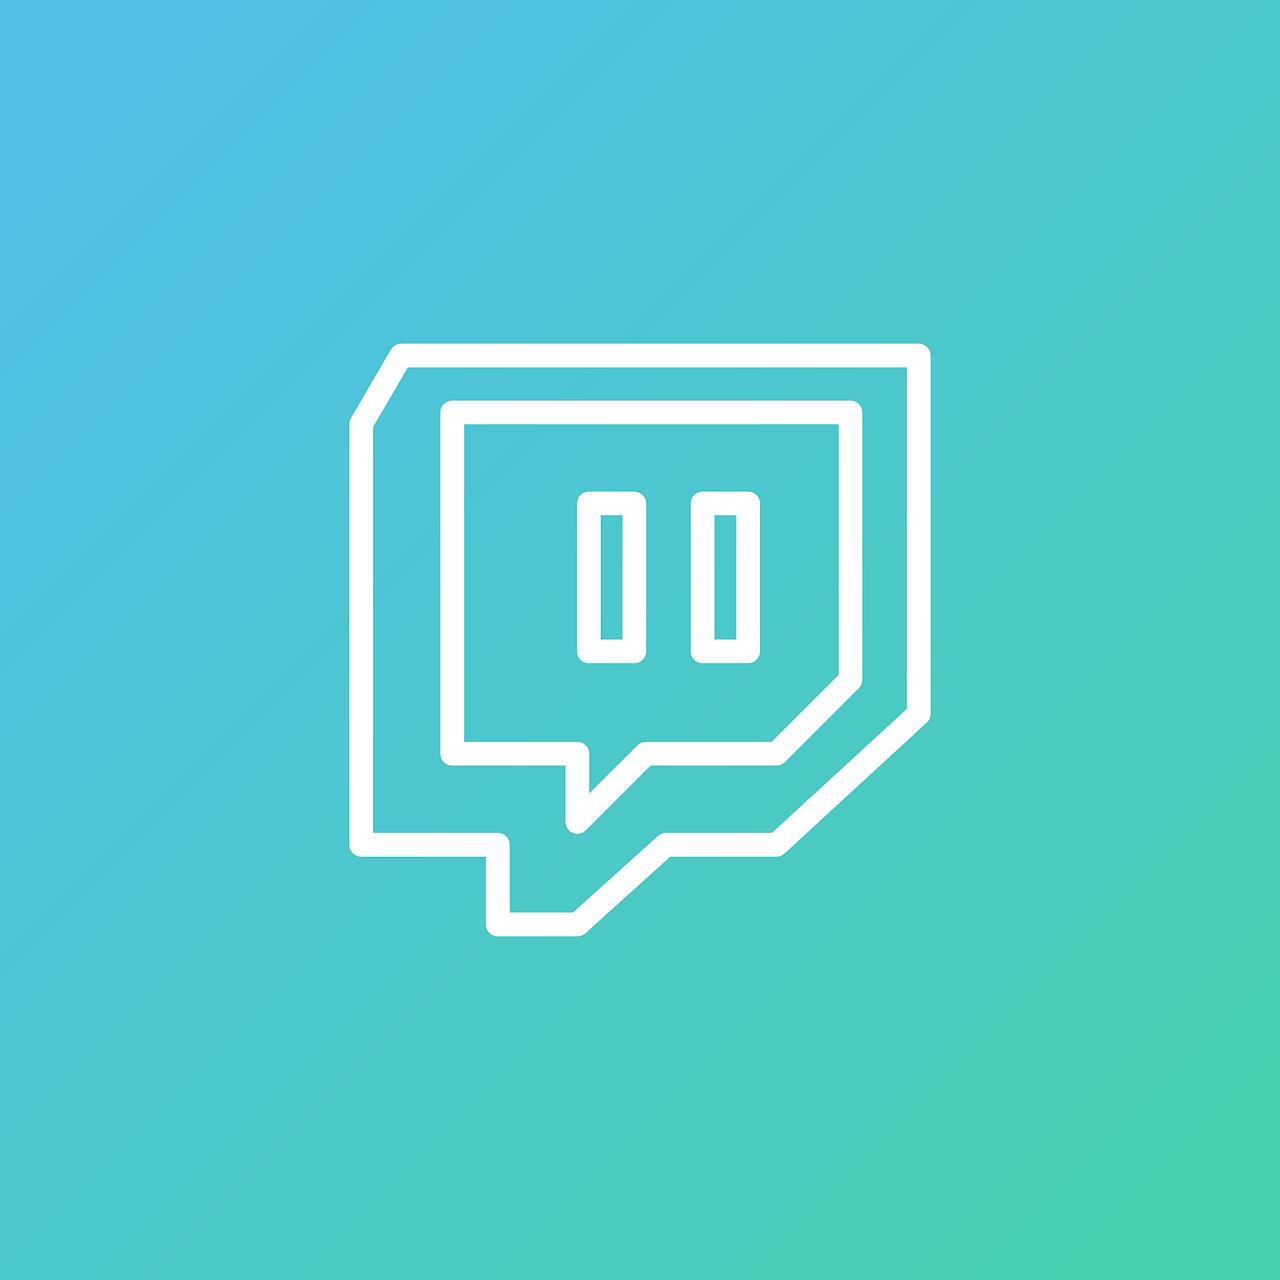 Von vielen unterschätzt und doch so erfolgreich: Wie Twitch den Livestream-Markt dominiert und wie ihr die Plattform fürs Business nutzen könnt.